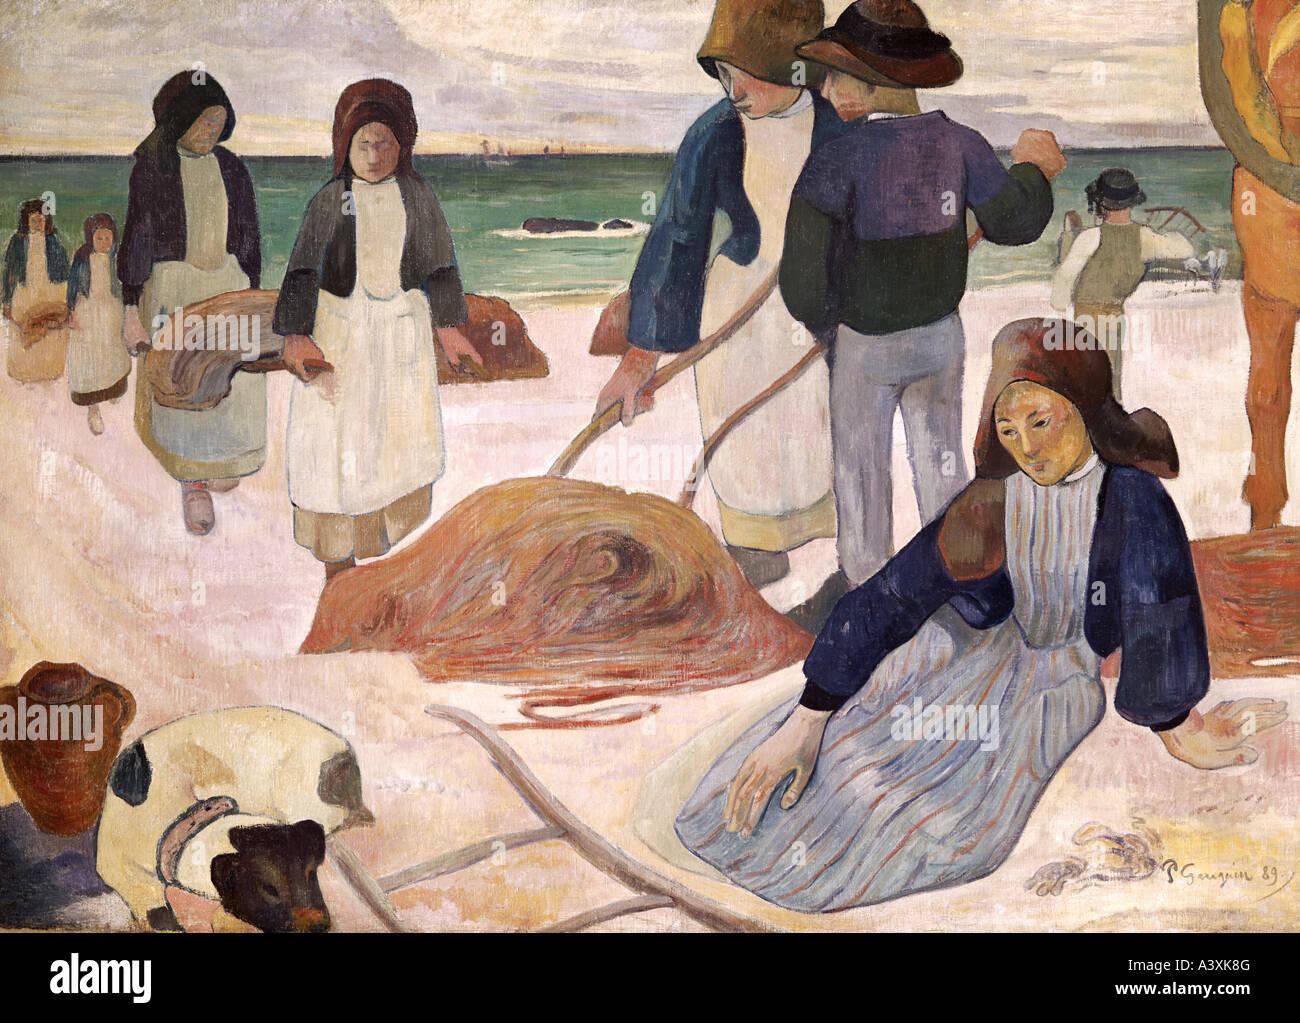 """""""Belle Arti, Gauguin, Paolo, (1848 - 1903), pittura, """"Breton collezionisti di alghe marine"""", 1889, Immagini Stock"""